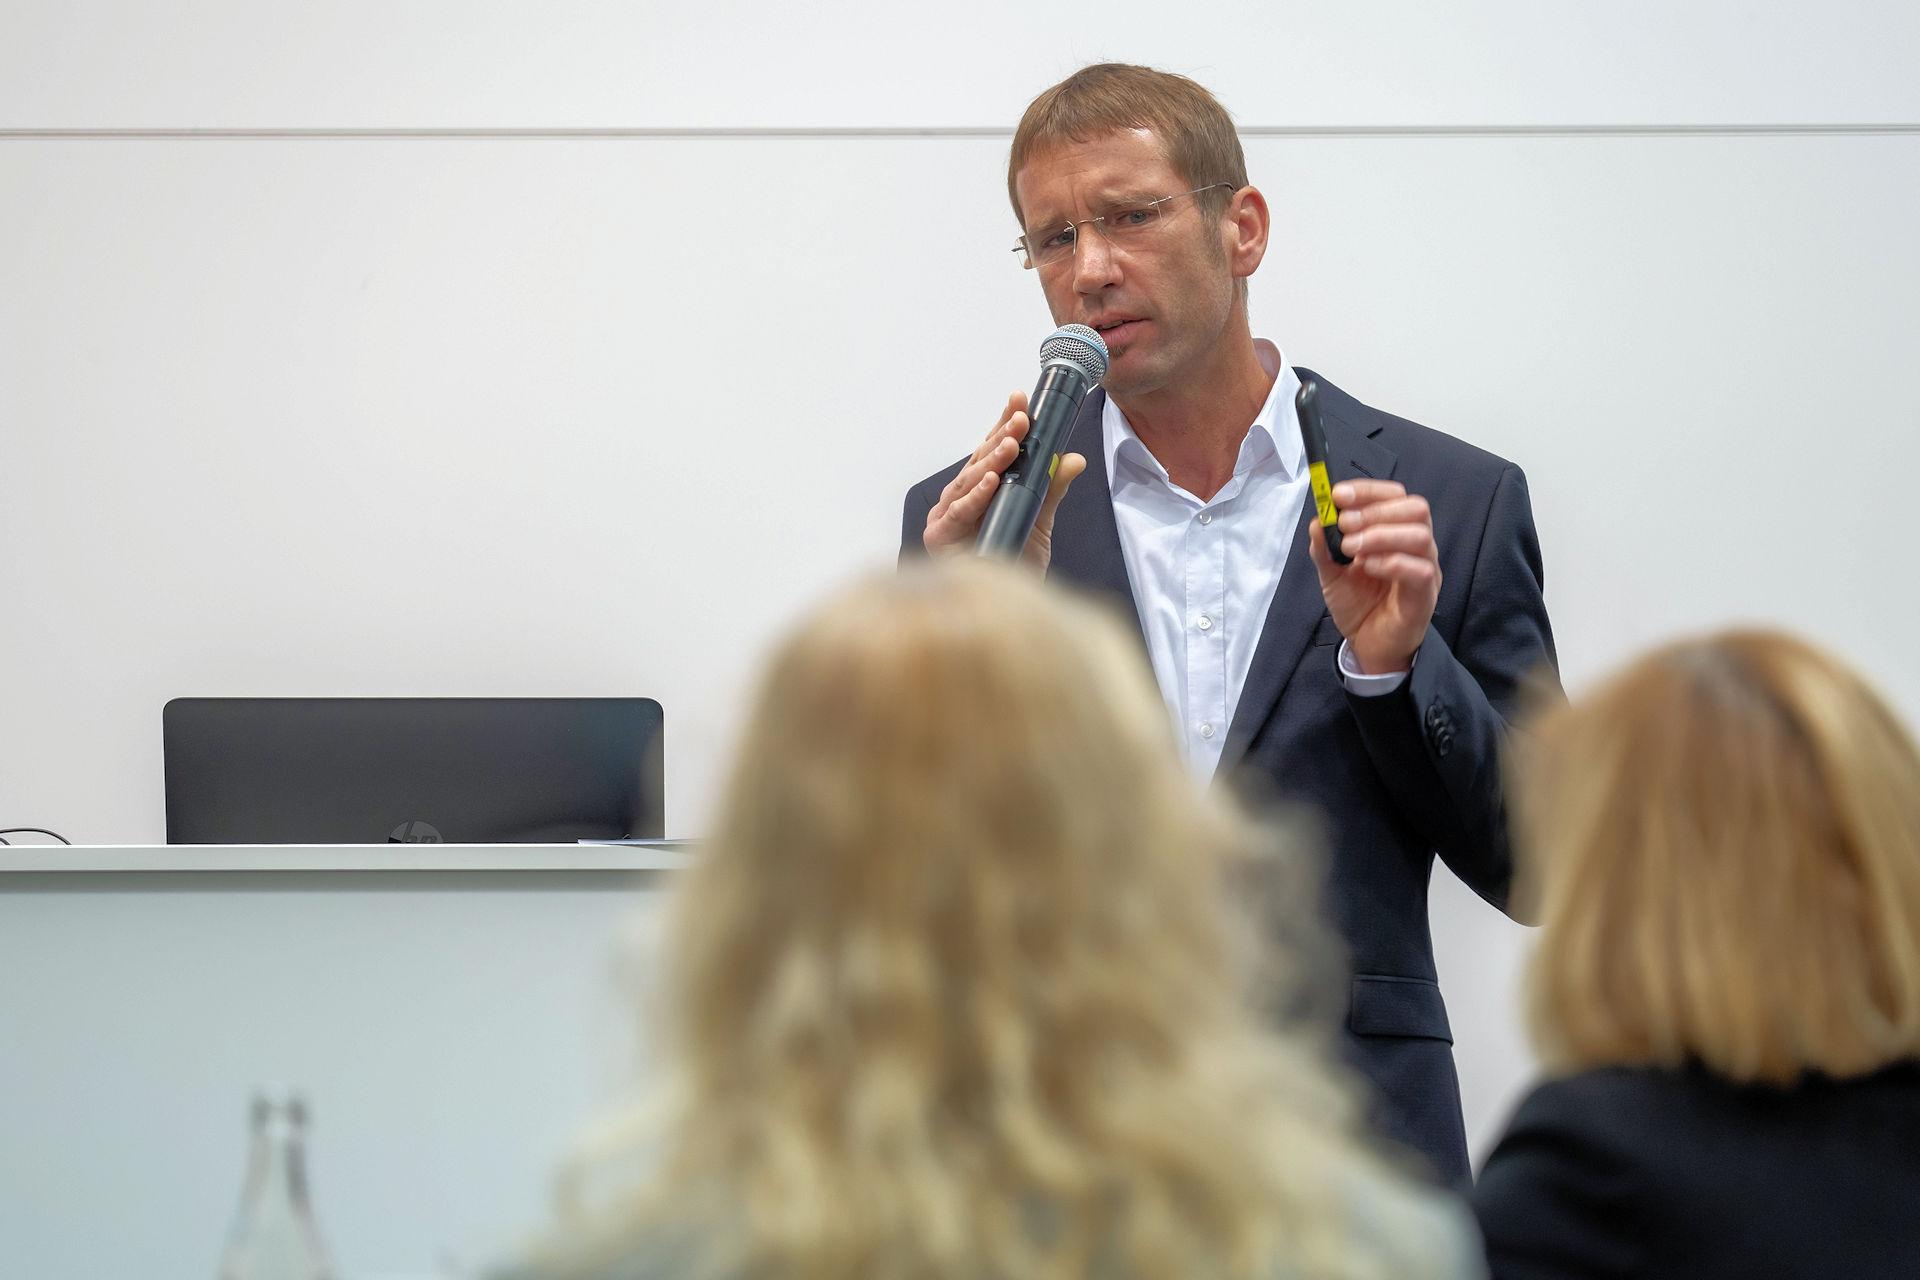 Claus Hofmann IT-Talk 2019 – Urheber: NuernbergMesse / Thomas Geiger